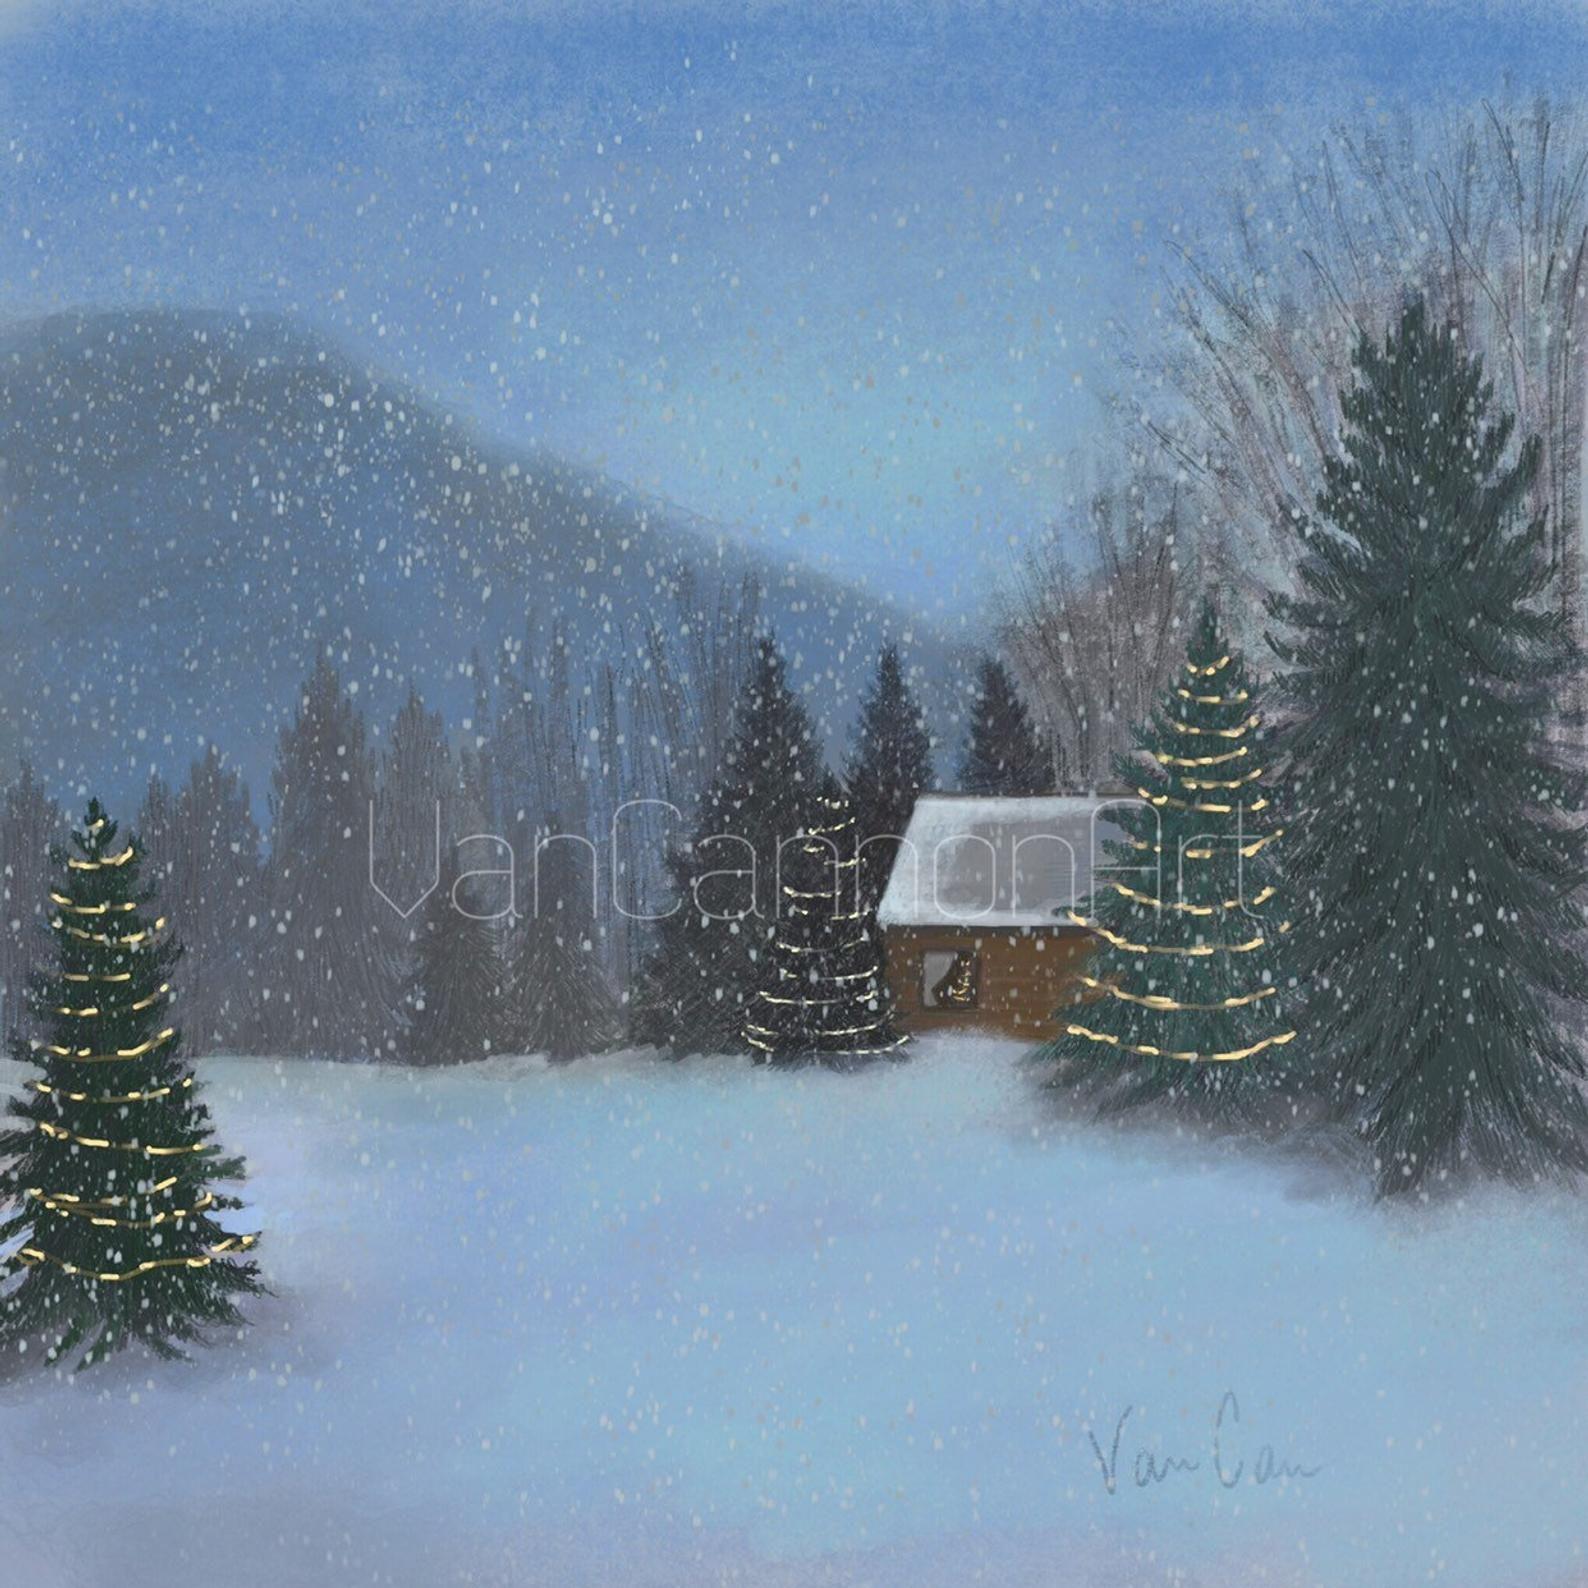 Cozy Winter Homedecor:  Cozy Christmas Mountain Wall Art Snowy Mountain Printable